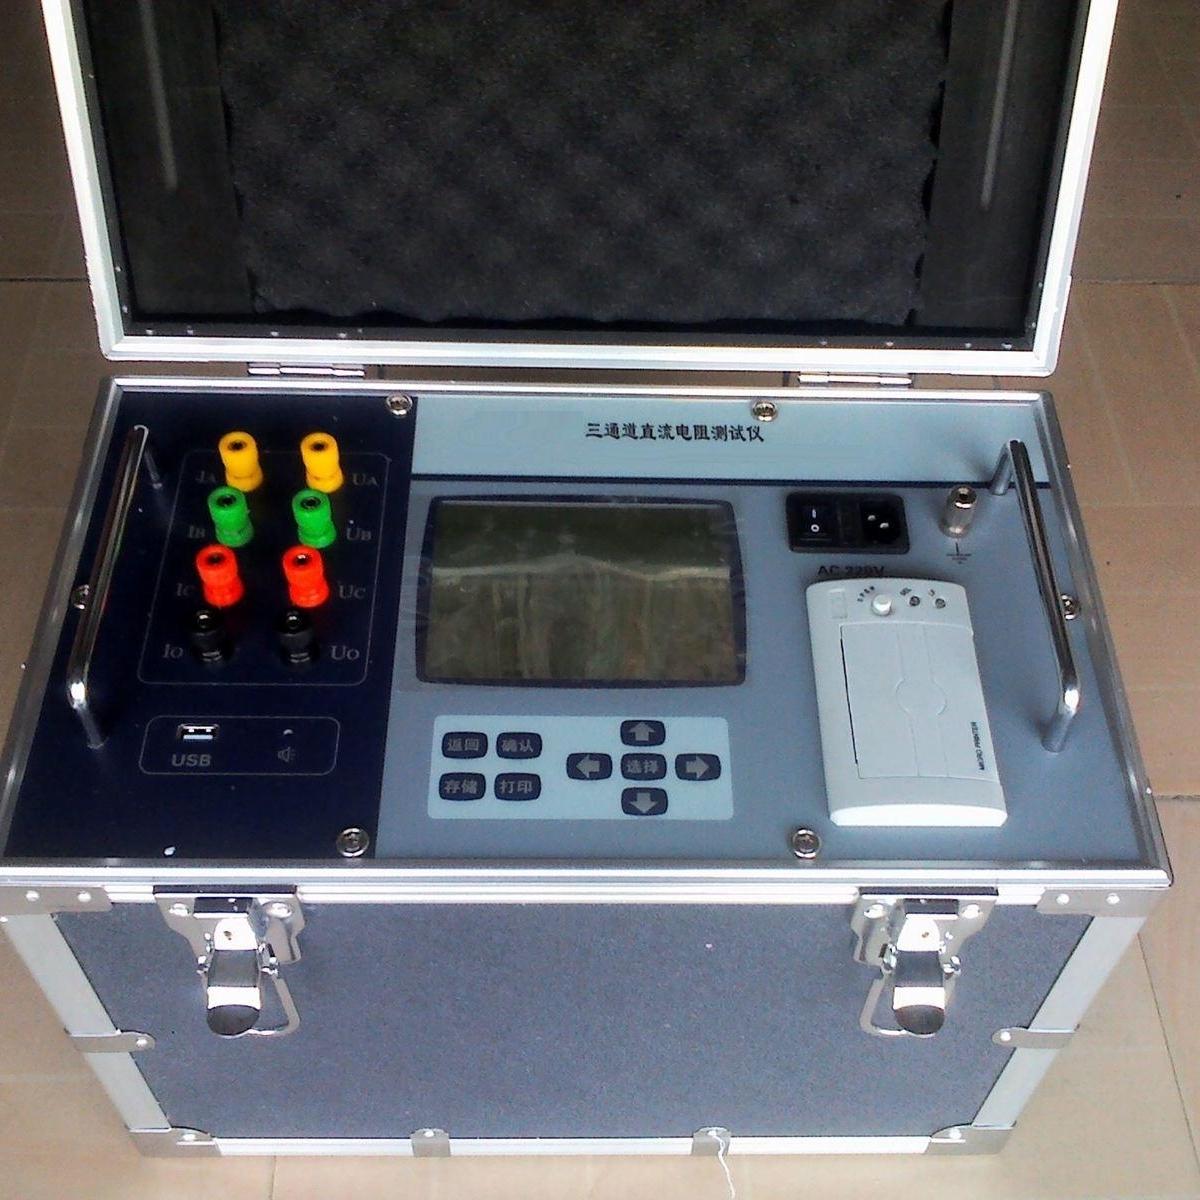 接地成组直流电阻测试仪厂家发货